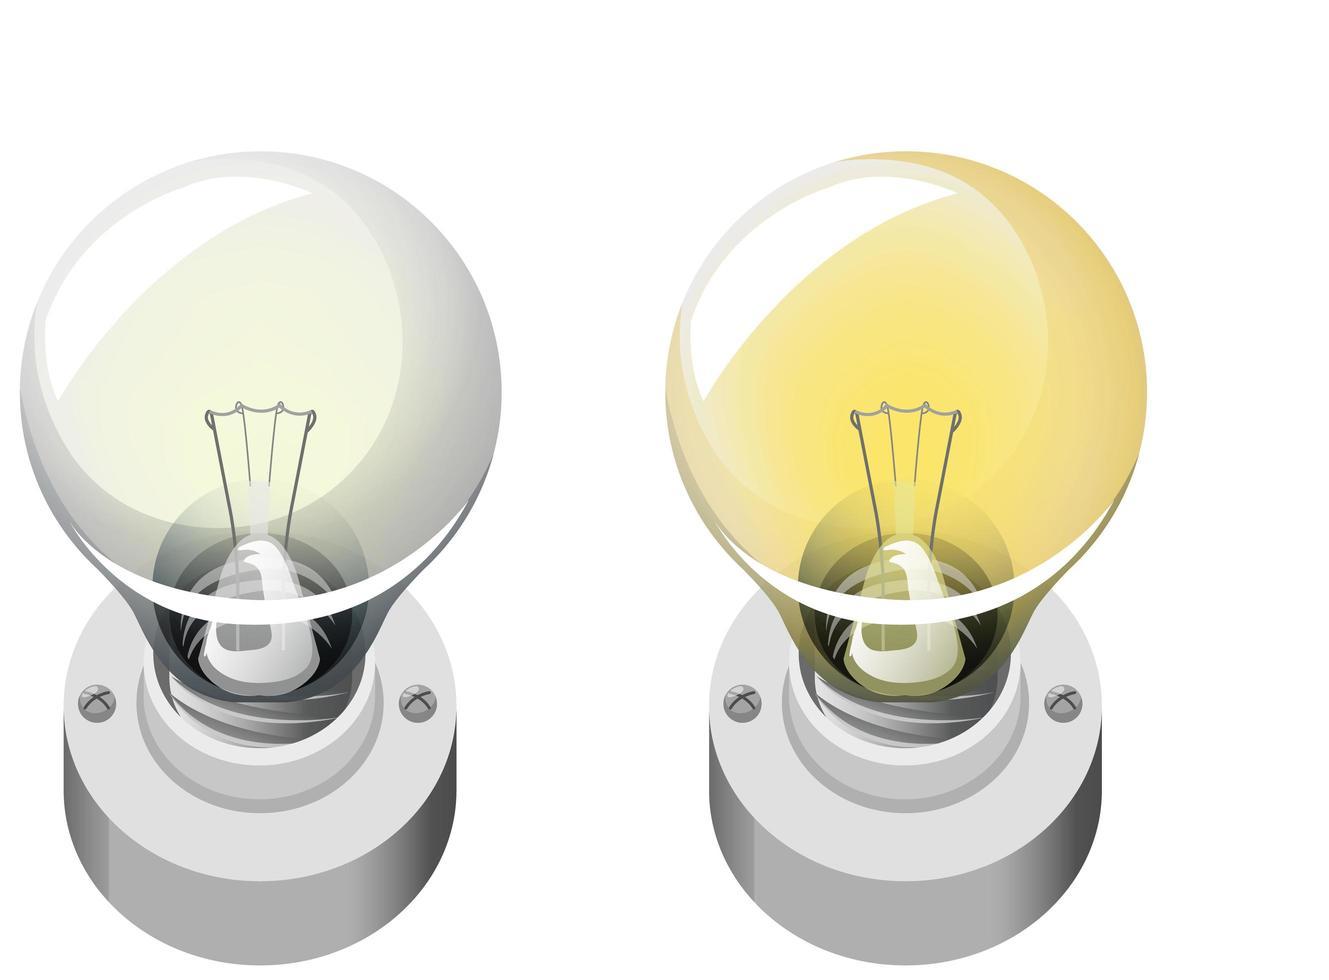 style de dessin animé ampoule isolé sur fond blanc vecteur